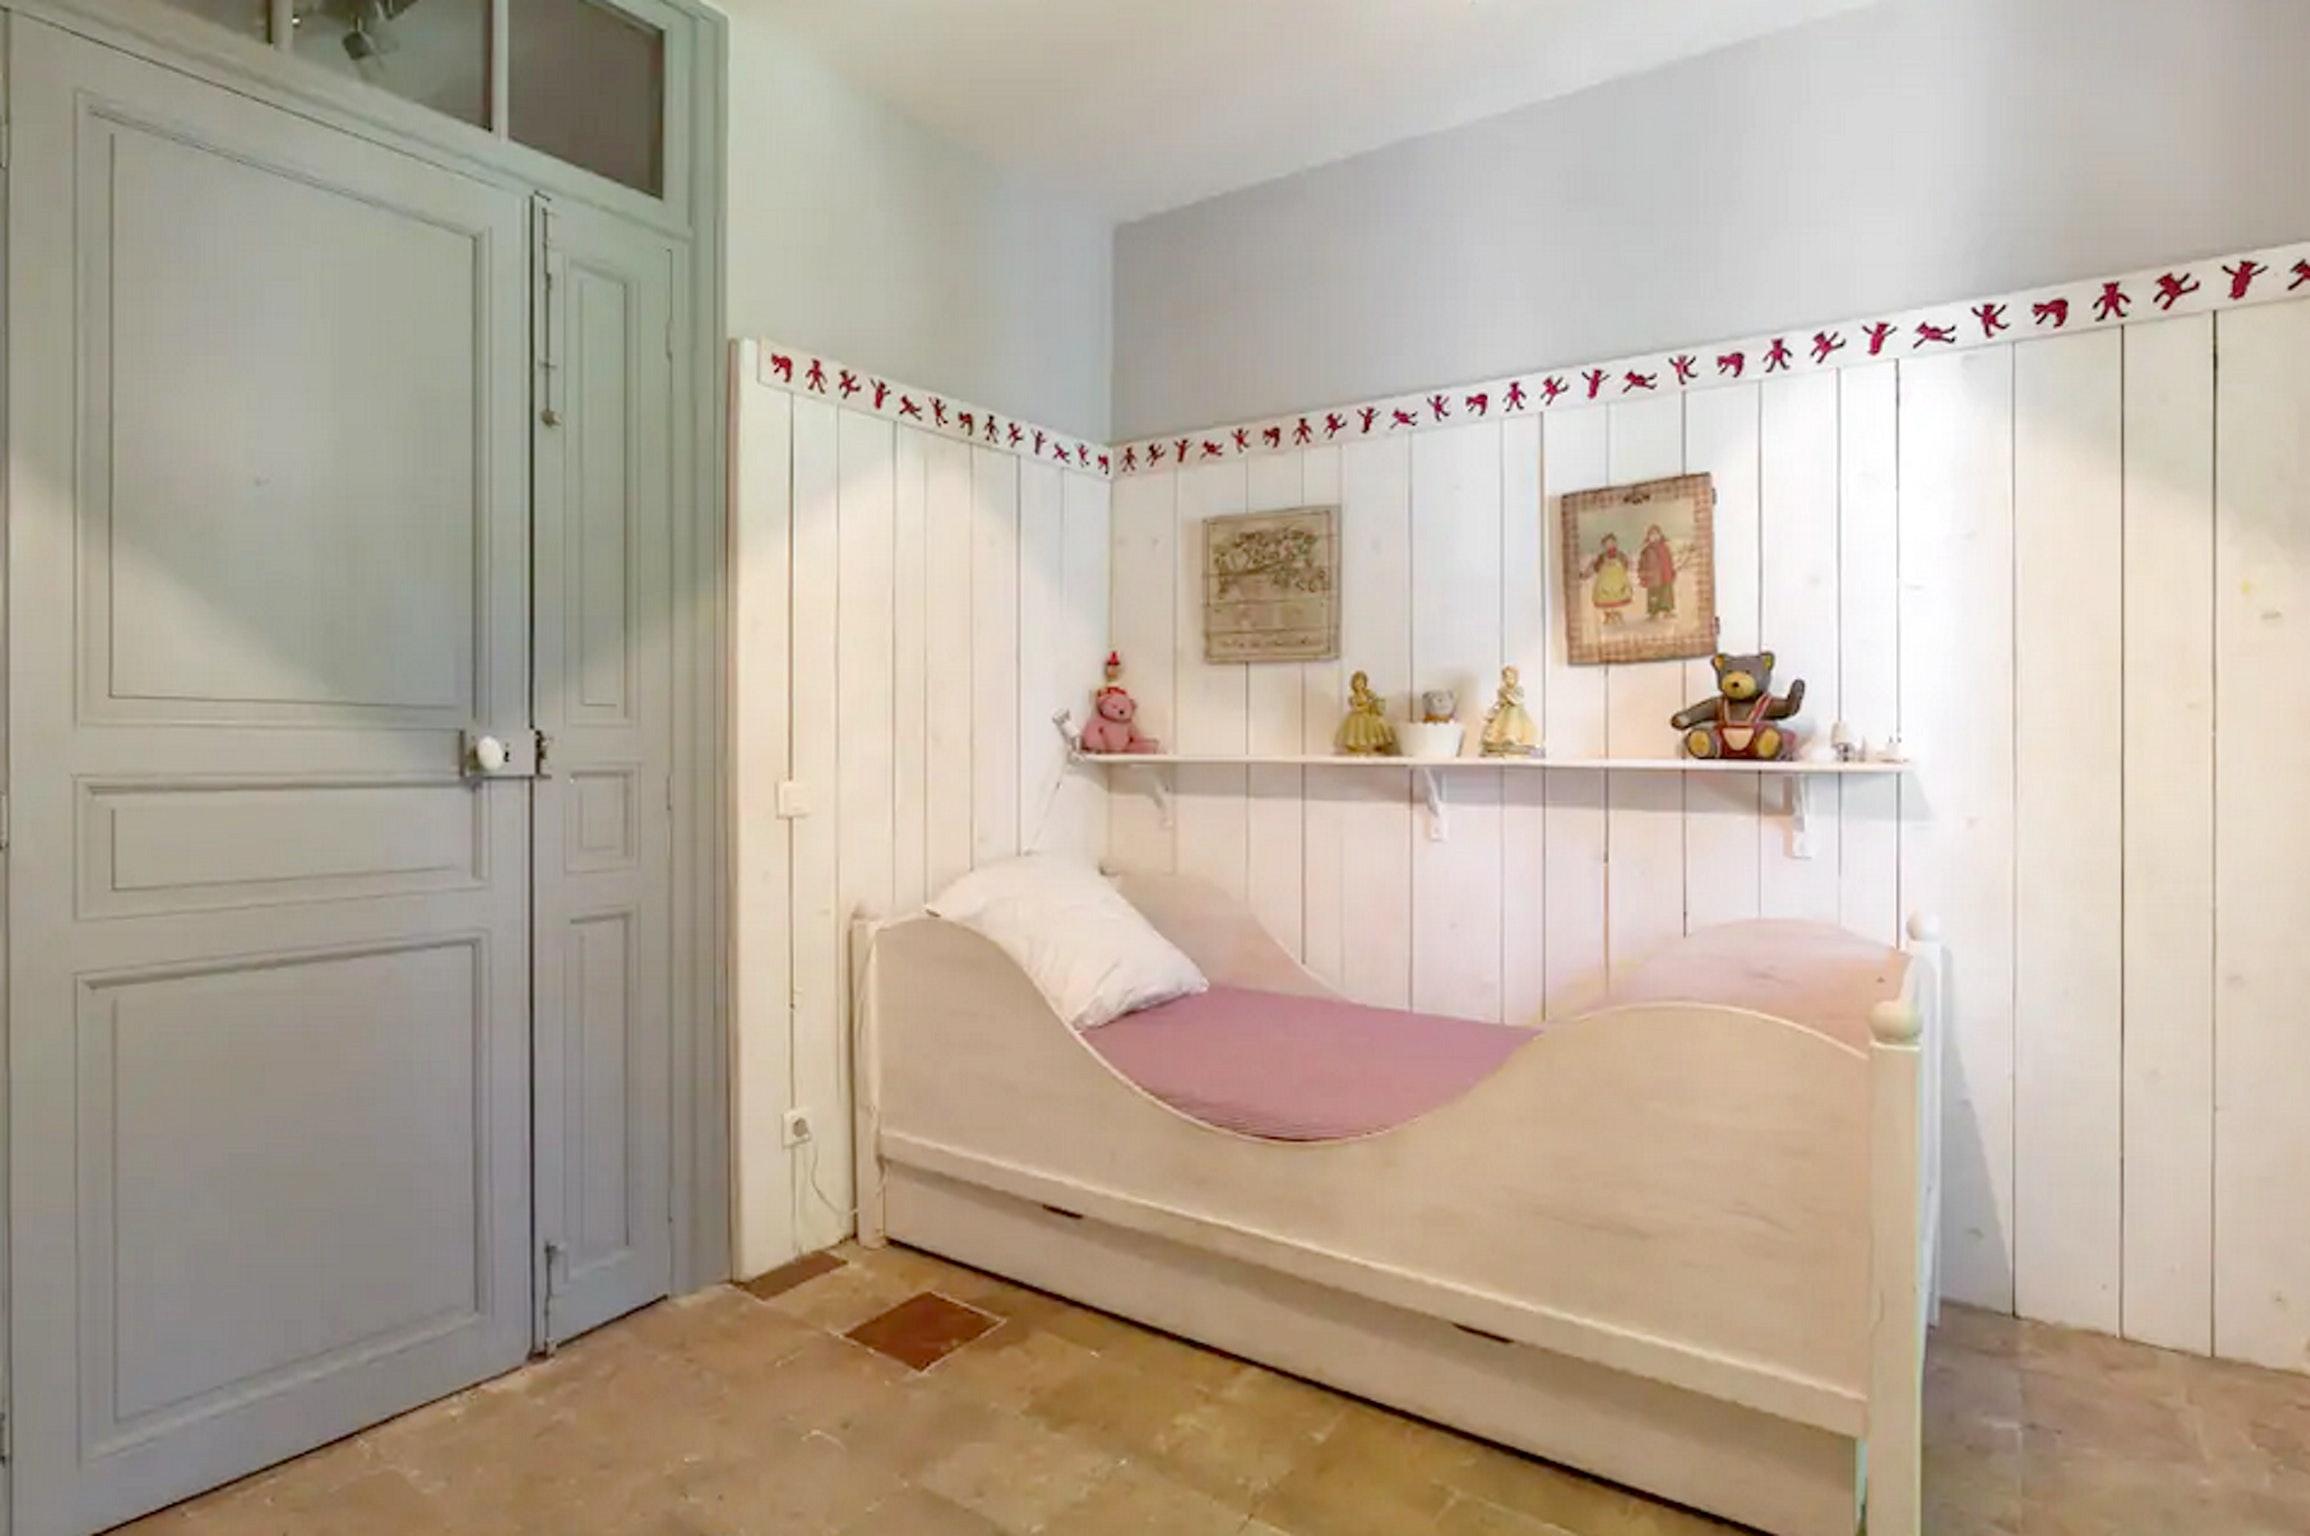 Maison de vacances Villa mit 6 Schlafzimmern in L'Isle-sur-la-Sorgue mit privatem Pool, möbliertem Garten und (2647203), L'Isle sur la Sorgue, Vaucluse, Provence - Alpes - Côte d'Azur, France, image 37